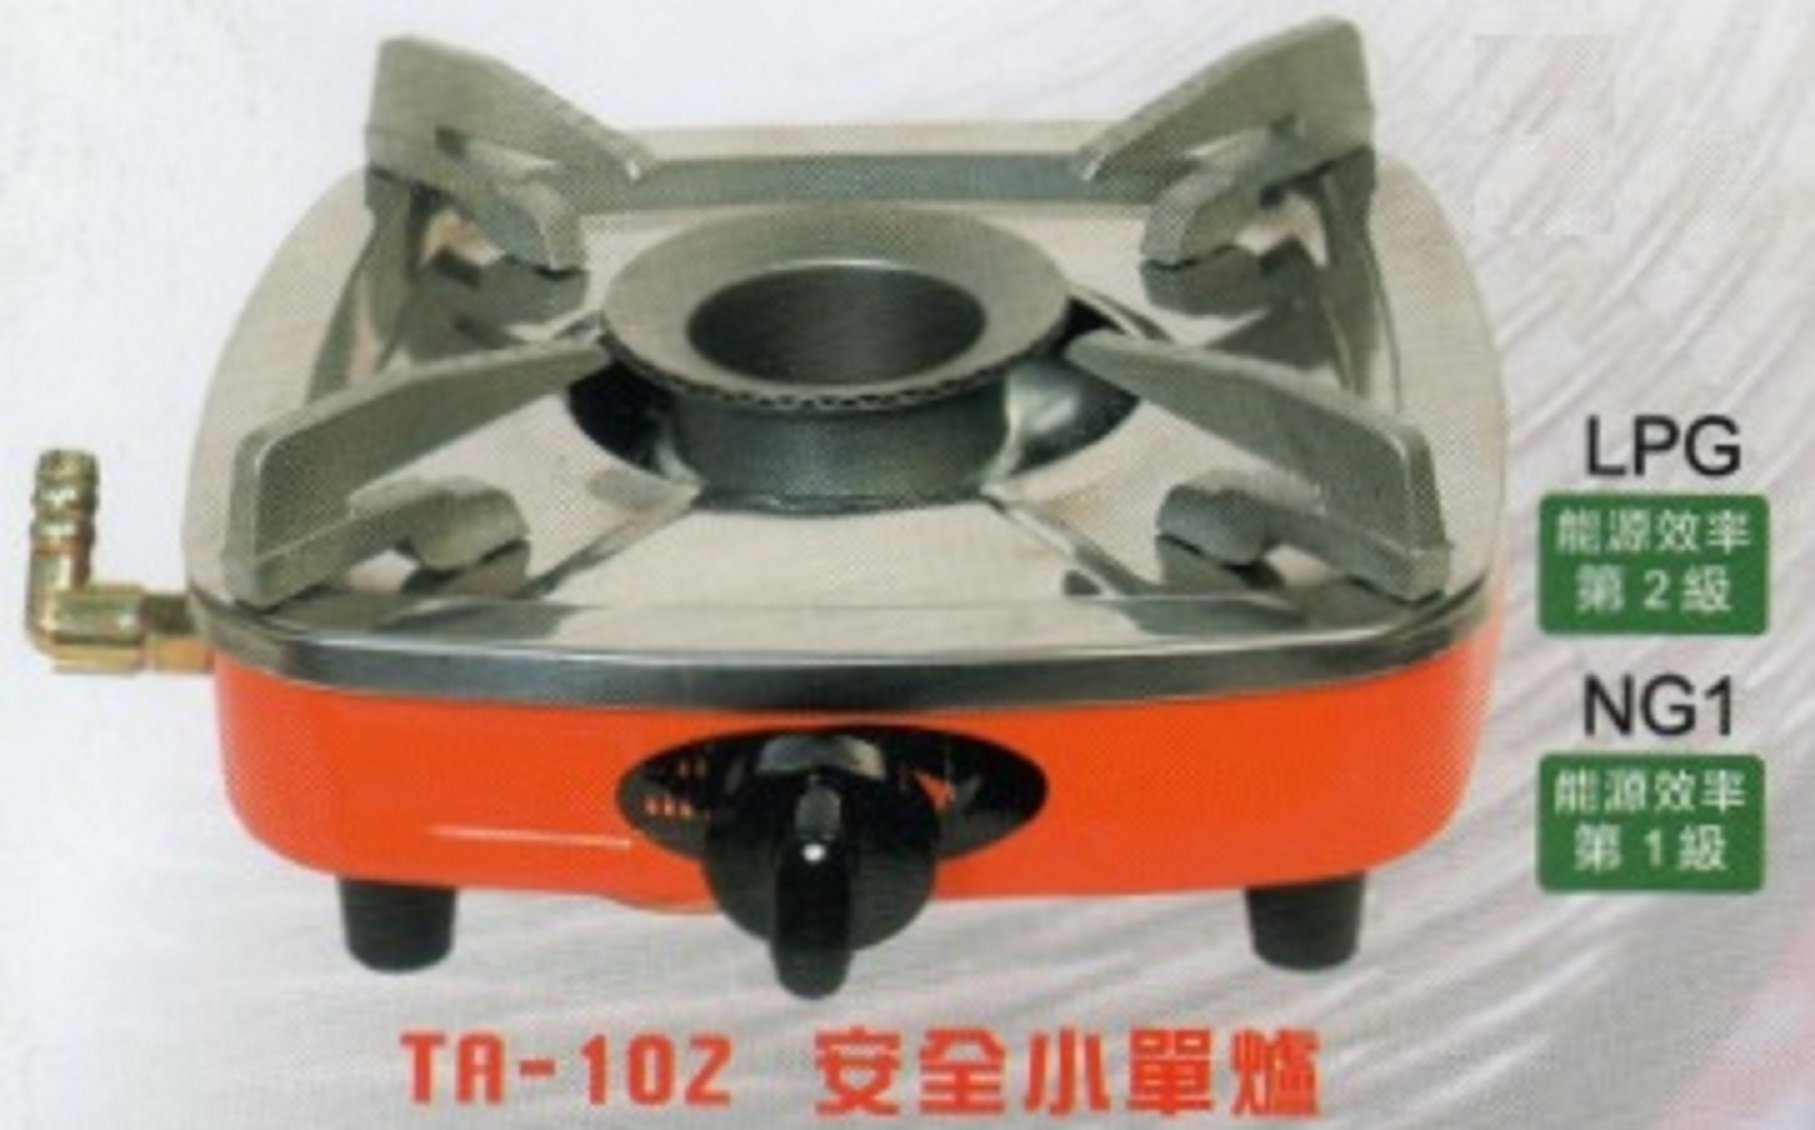 名廚牌 瓦斯爐 安全小單爐 TA-102 天然瓦斯